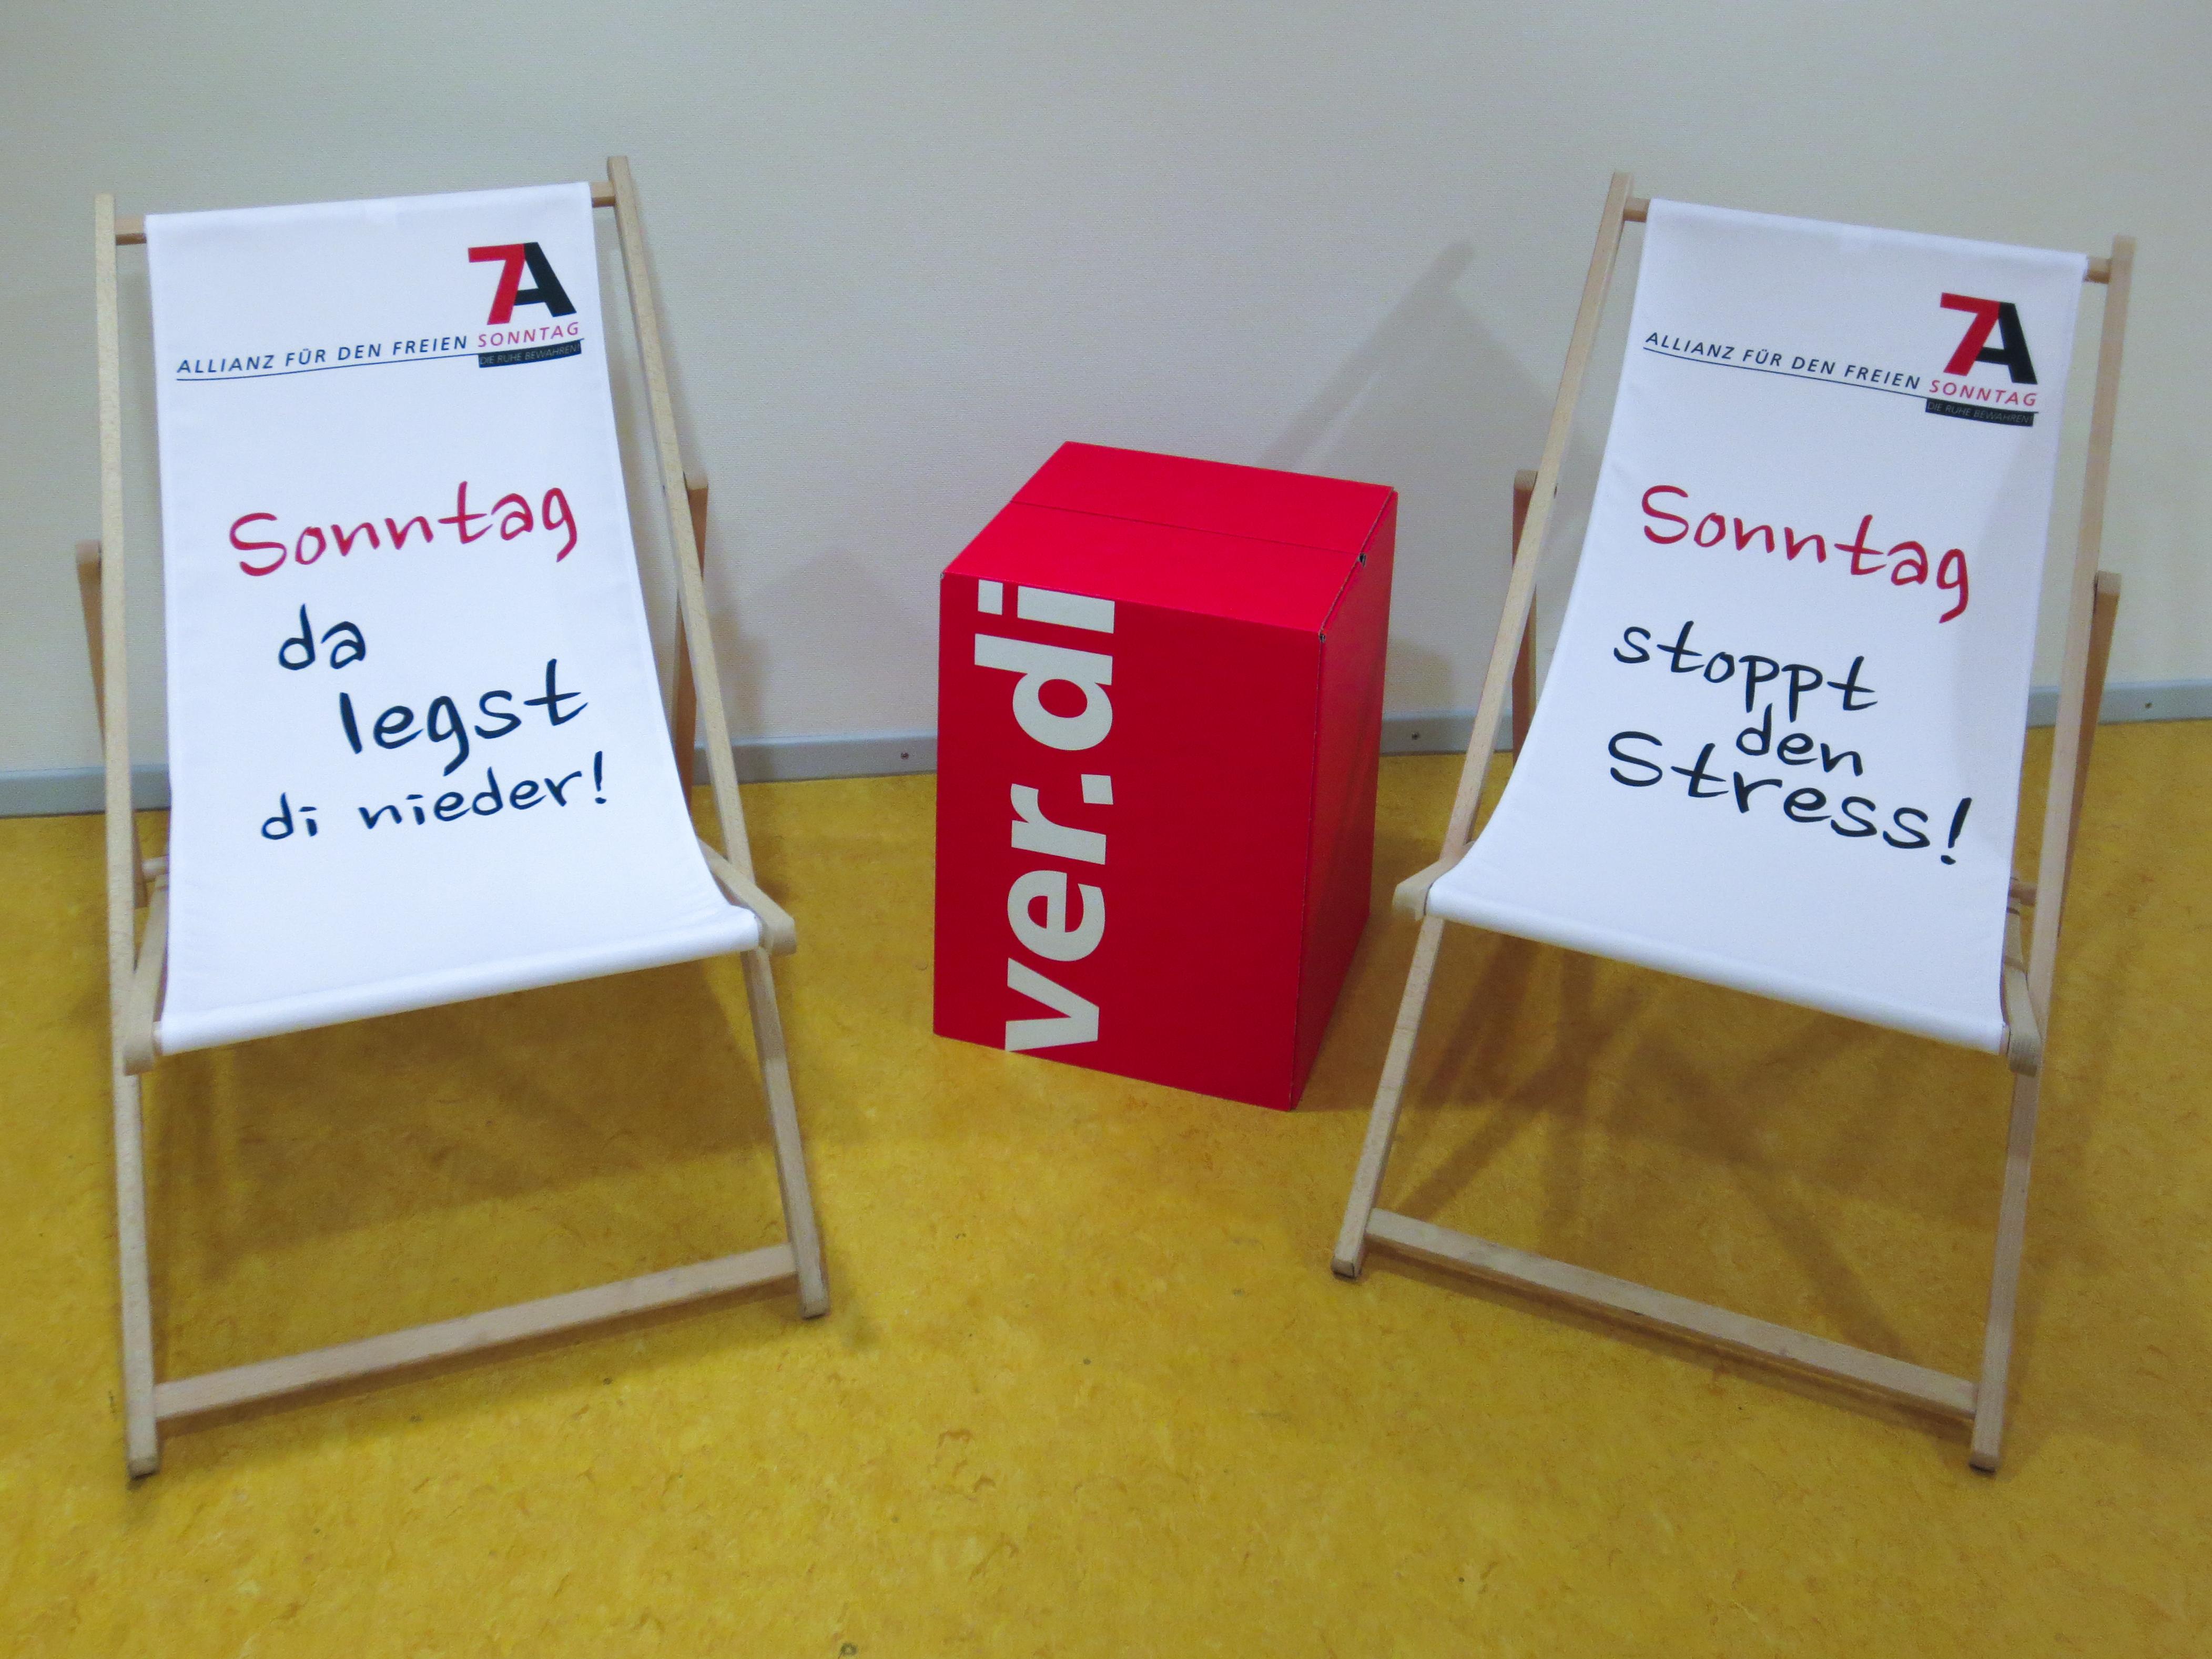 Liegestühle  File:Sonntagsallianz - Liegestühle bei Verdi 001.jpg - Wikimedia ...